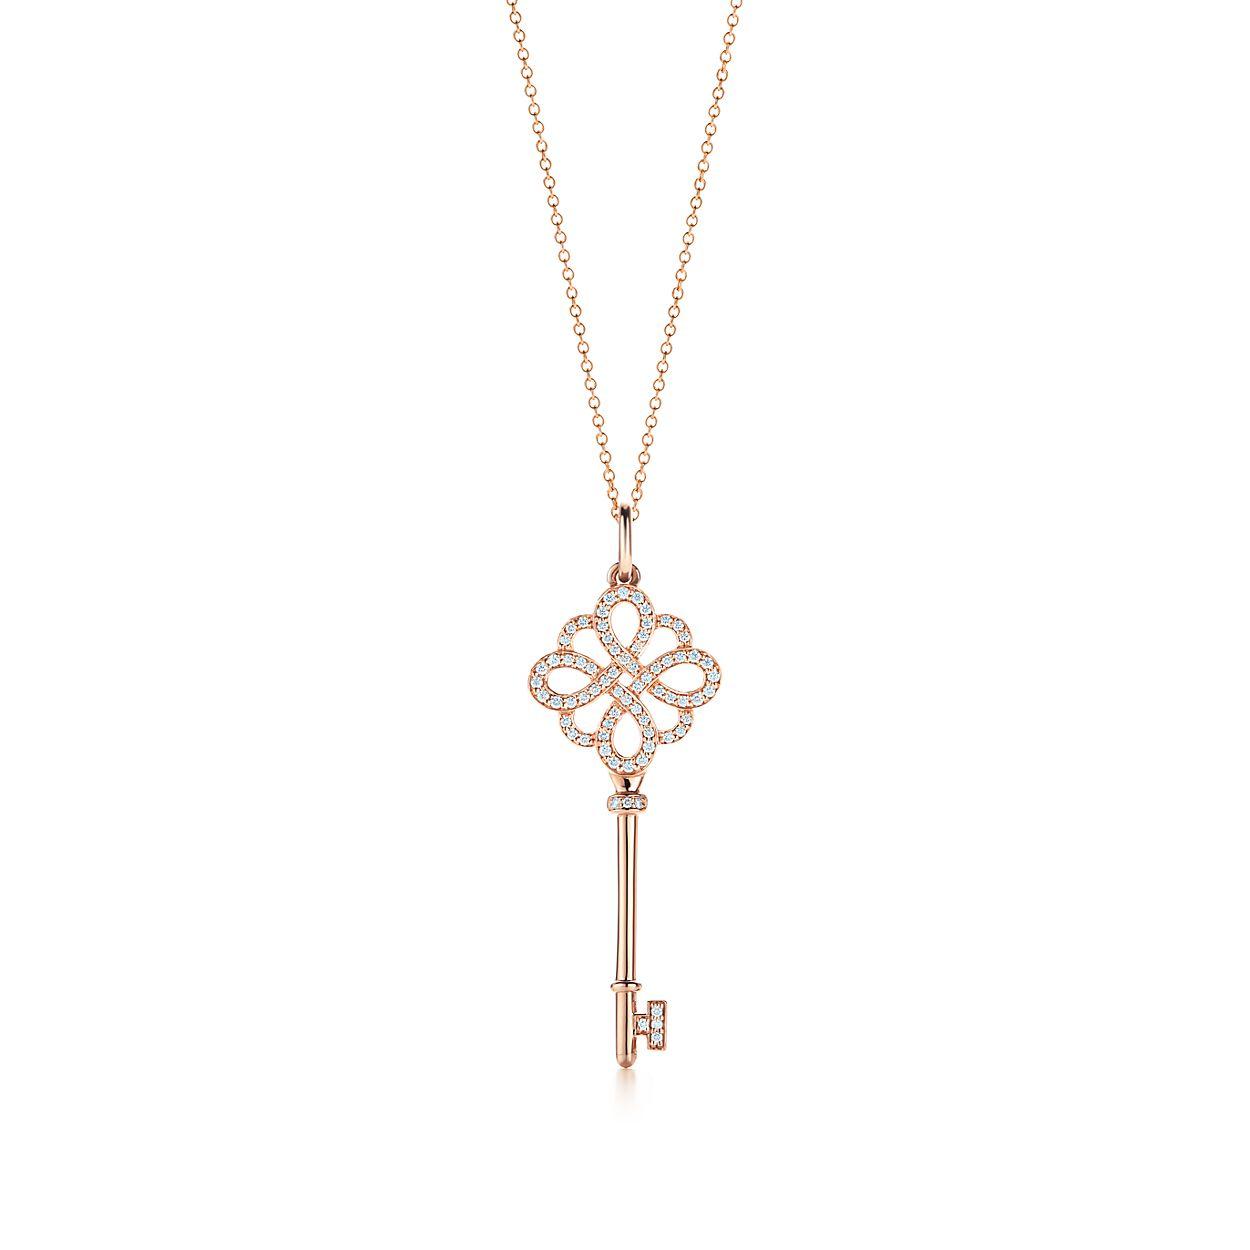 Clé Nœud en or rose 18 carats et diamants, Clés Tiffany.   Tiffany   Co. 7936b90860a2